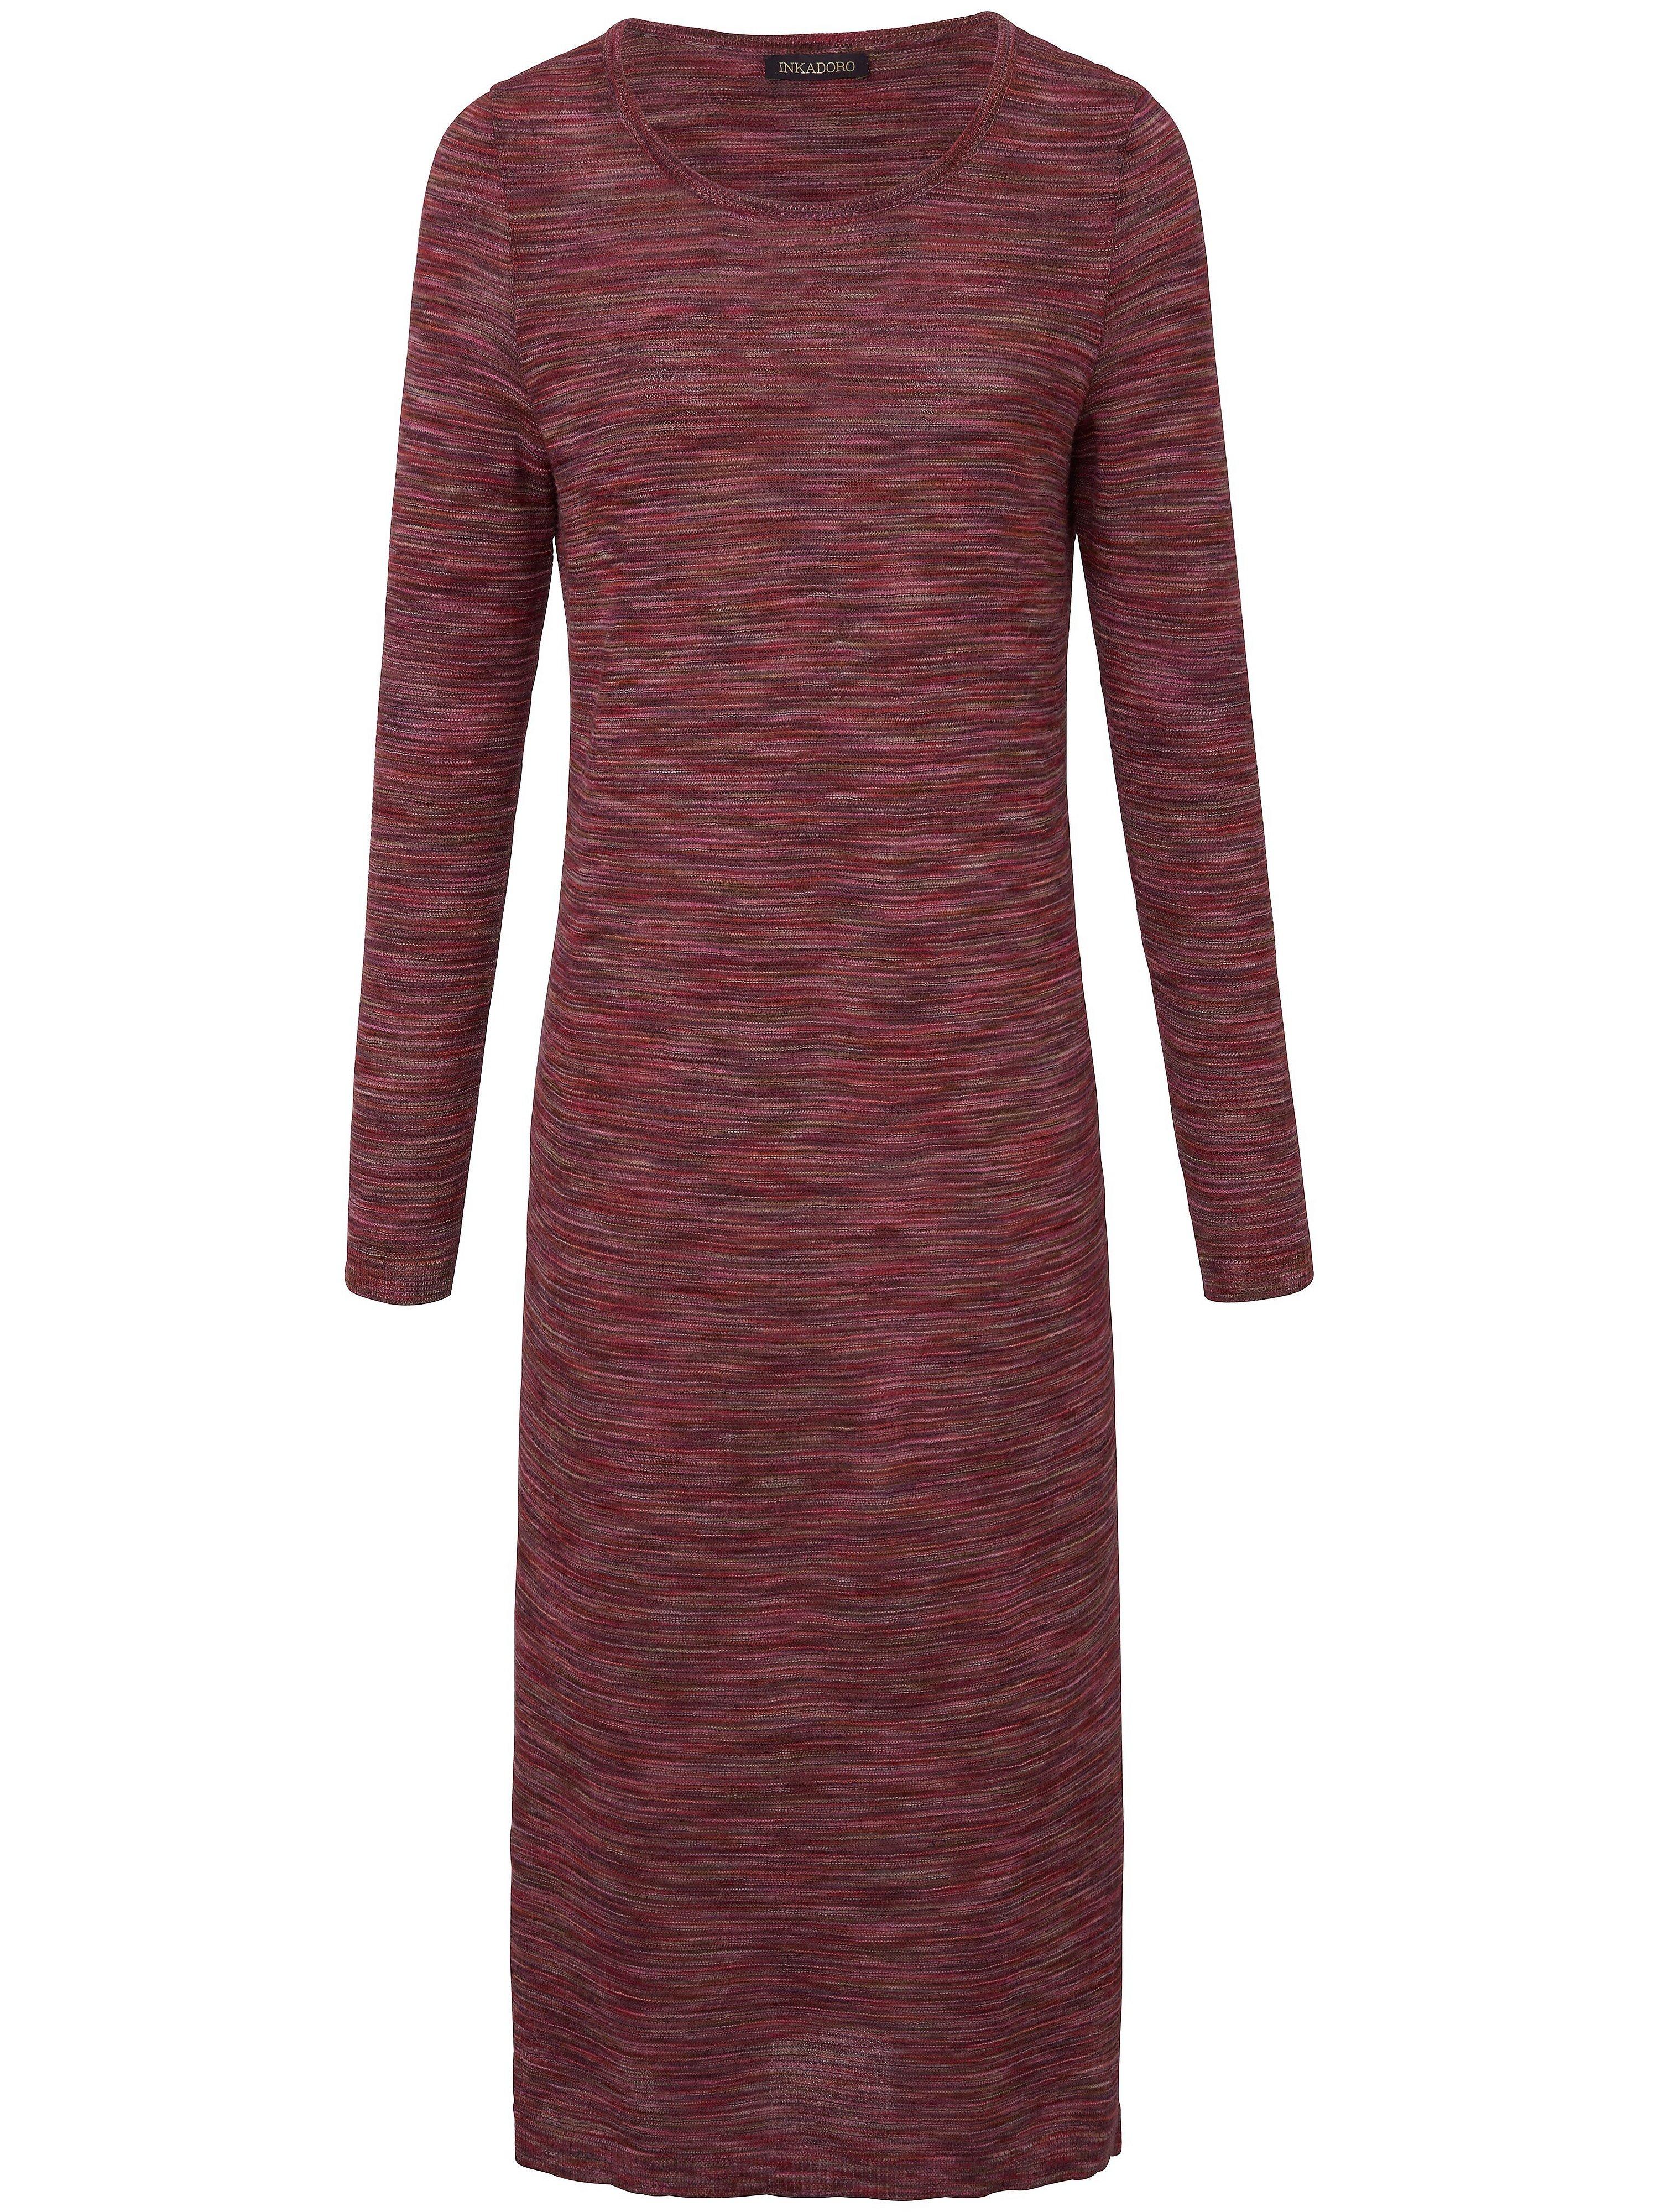 La robe maille 100% alpaga manches longues  Inkadoro multicolore taille 46